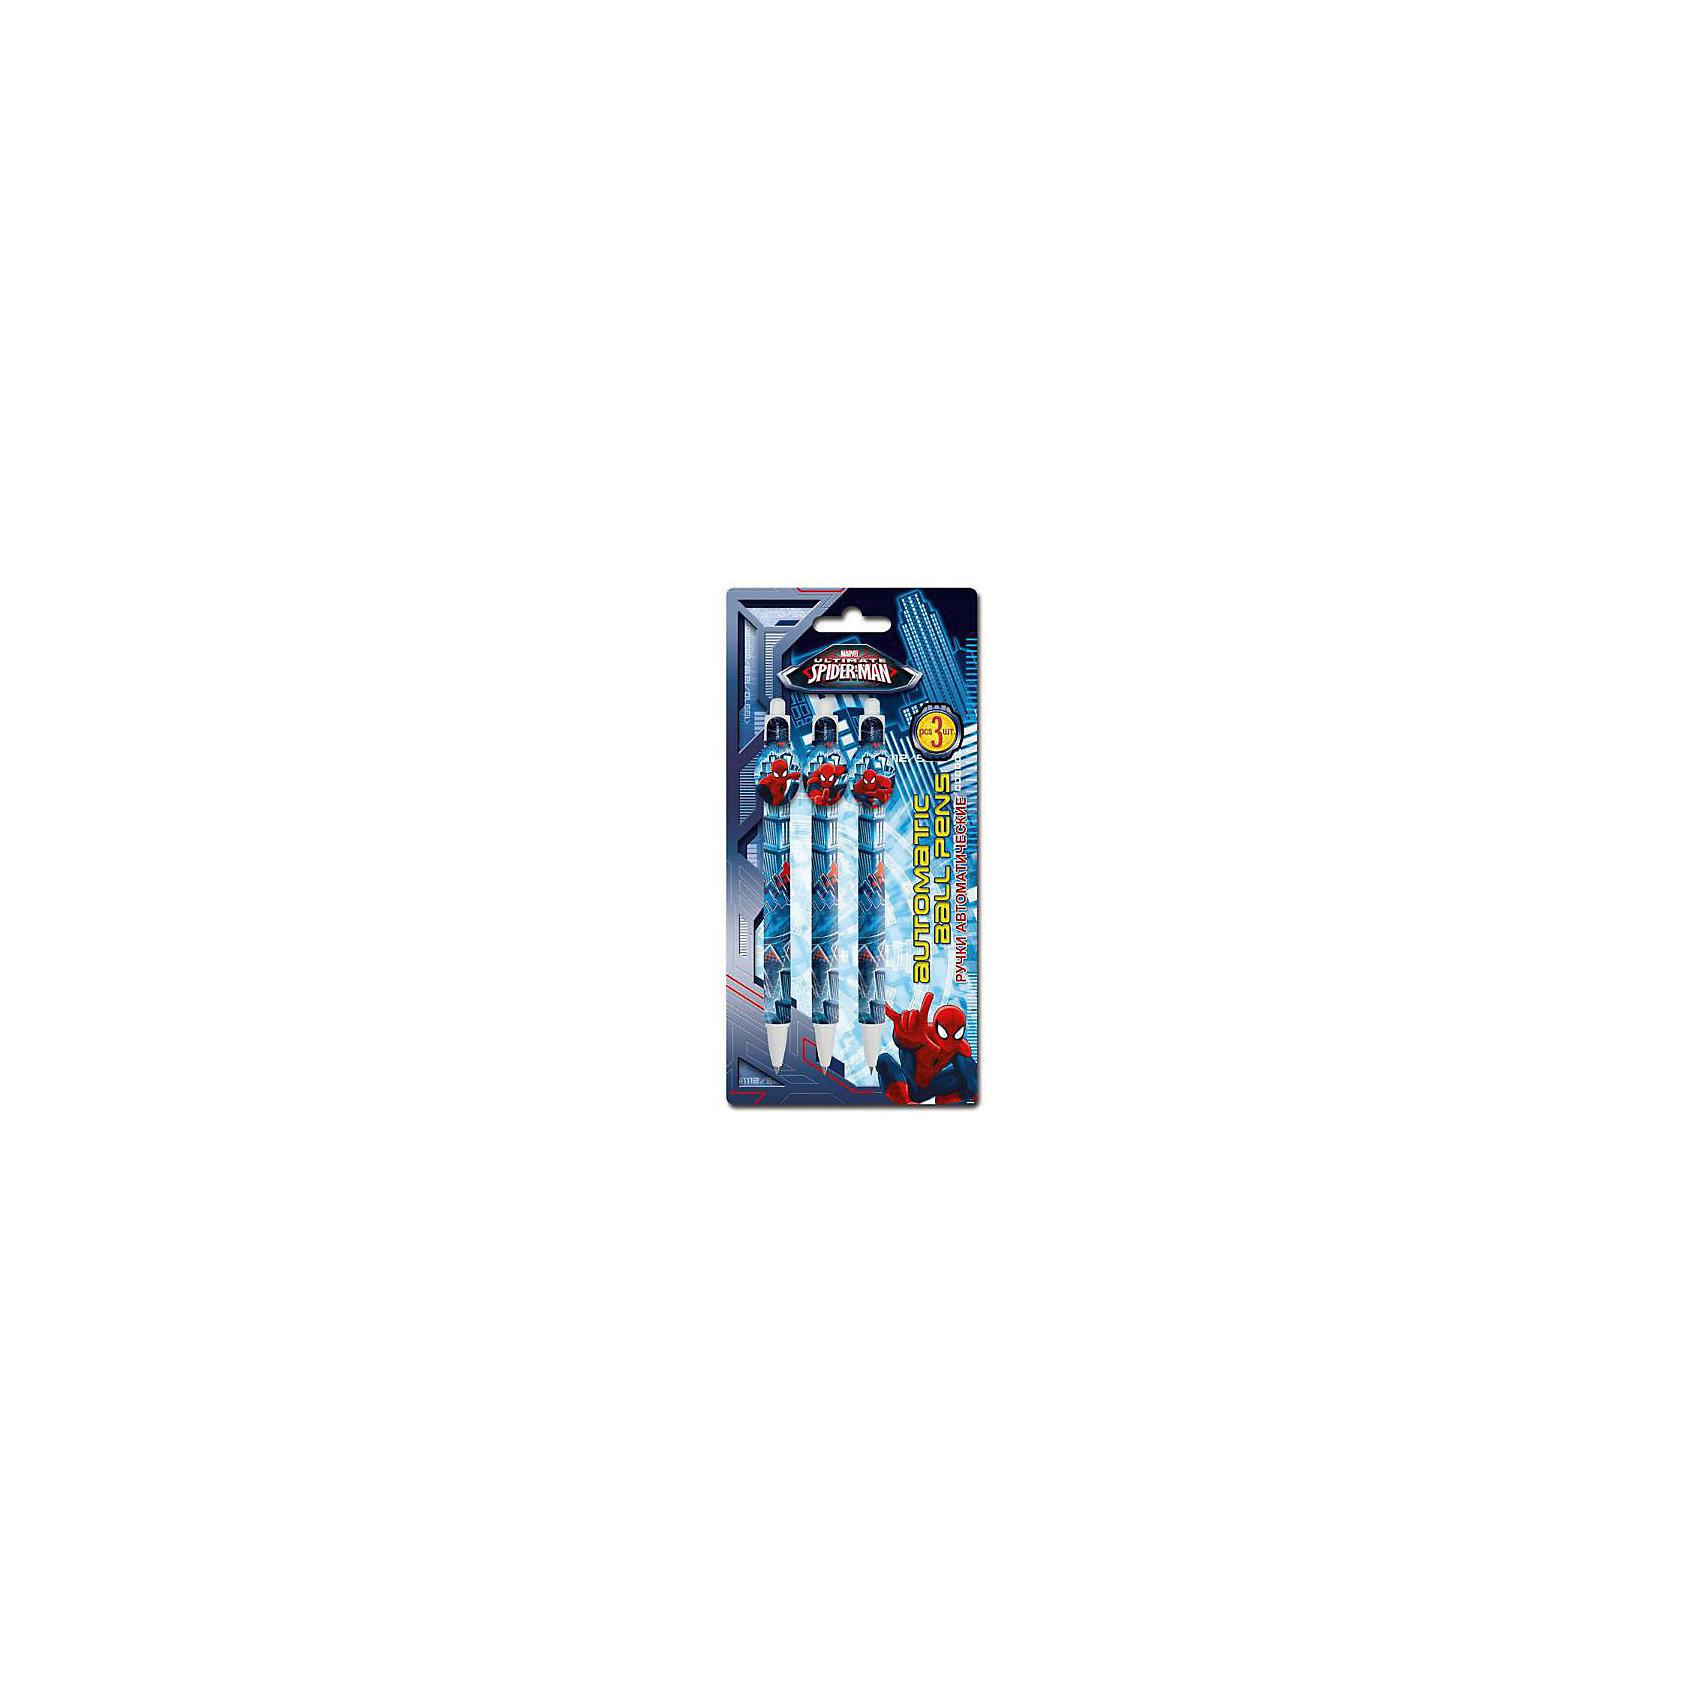 Spider-man Classic Набор из 3-х шариковых ручек с фигурным клипом в блистере Размер 20 х 10 х 1,5 см.Письменные принадлежности<br>Характеристики товара:<br><br>• в комплекте: 3 ручки;<br>• цвет чернил: синий;<br>• размер упаковки: 1,5х10х20 см;<br>• возраст: от 3 лет;<br>• вес: 44 грамма;<br>• страна: Китай.<br><br>В набор Spider-man Classic входят три шариковые ручки с синими чернилами.  Ручки оформлены изображением Человека-Паука.<br><br>Spider-man Classic Набор из 3-х шариковых ручек с фигурным клипом в блистере Размер 20 х 10 х 1,5 см можно купить в нашем интернет-магазине.<br><br>Ширина мм: 200<br>Глубина мм: 100<br>Высота мм: 15<br>Вес г: 44<br>Возраст от месяцев: 48<br>Возраст до месяцев: 84<br>Пол: Мужской<br>Возраст: Детский<br>SKU: 6892486